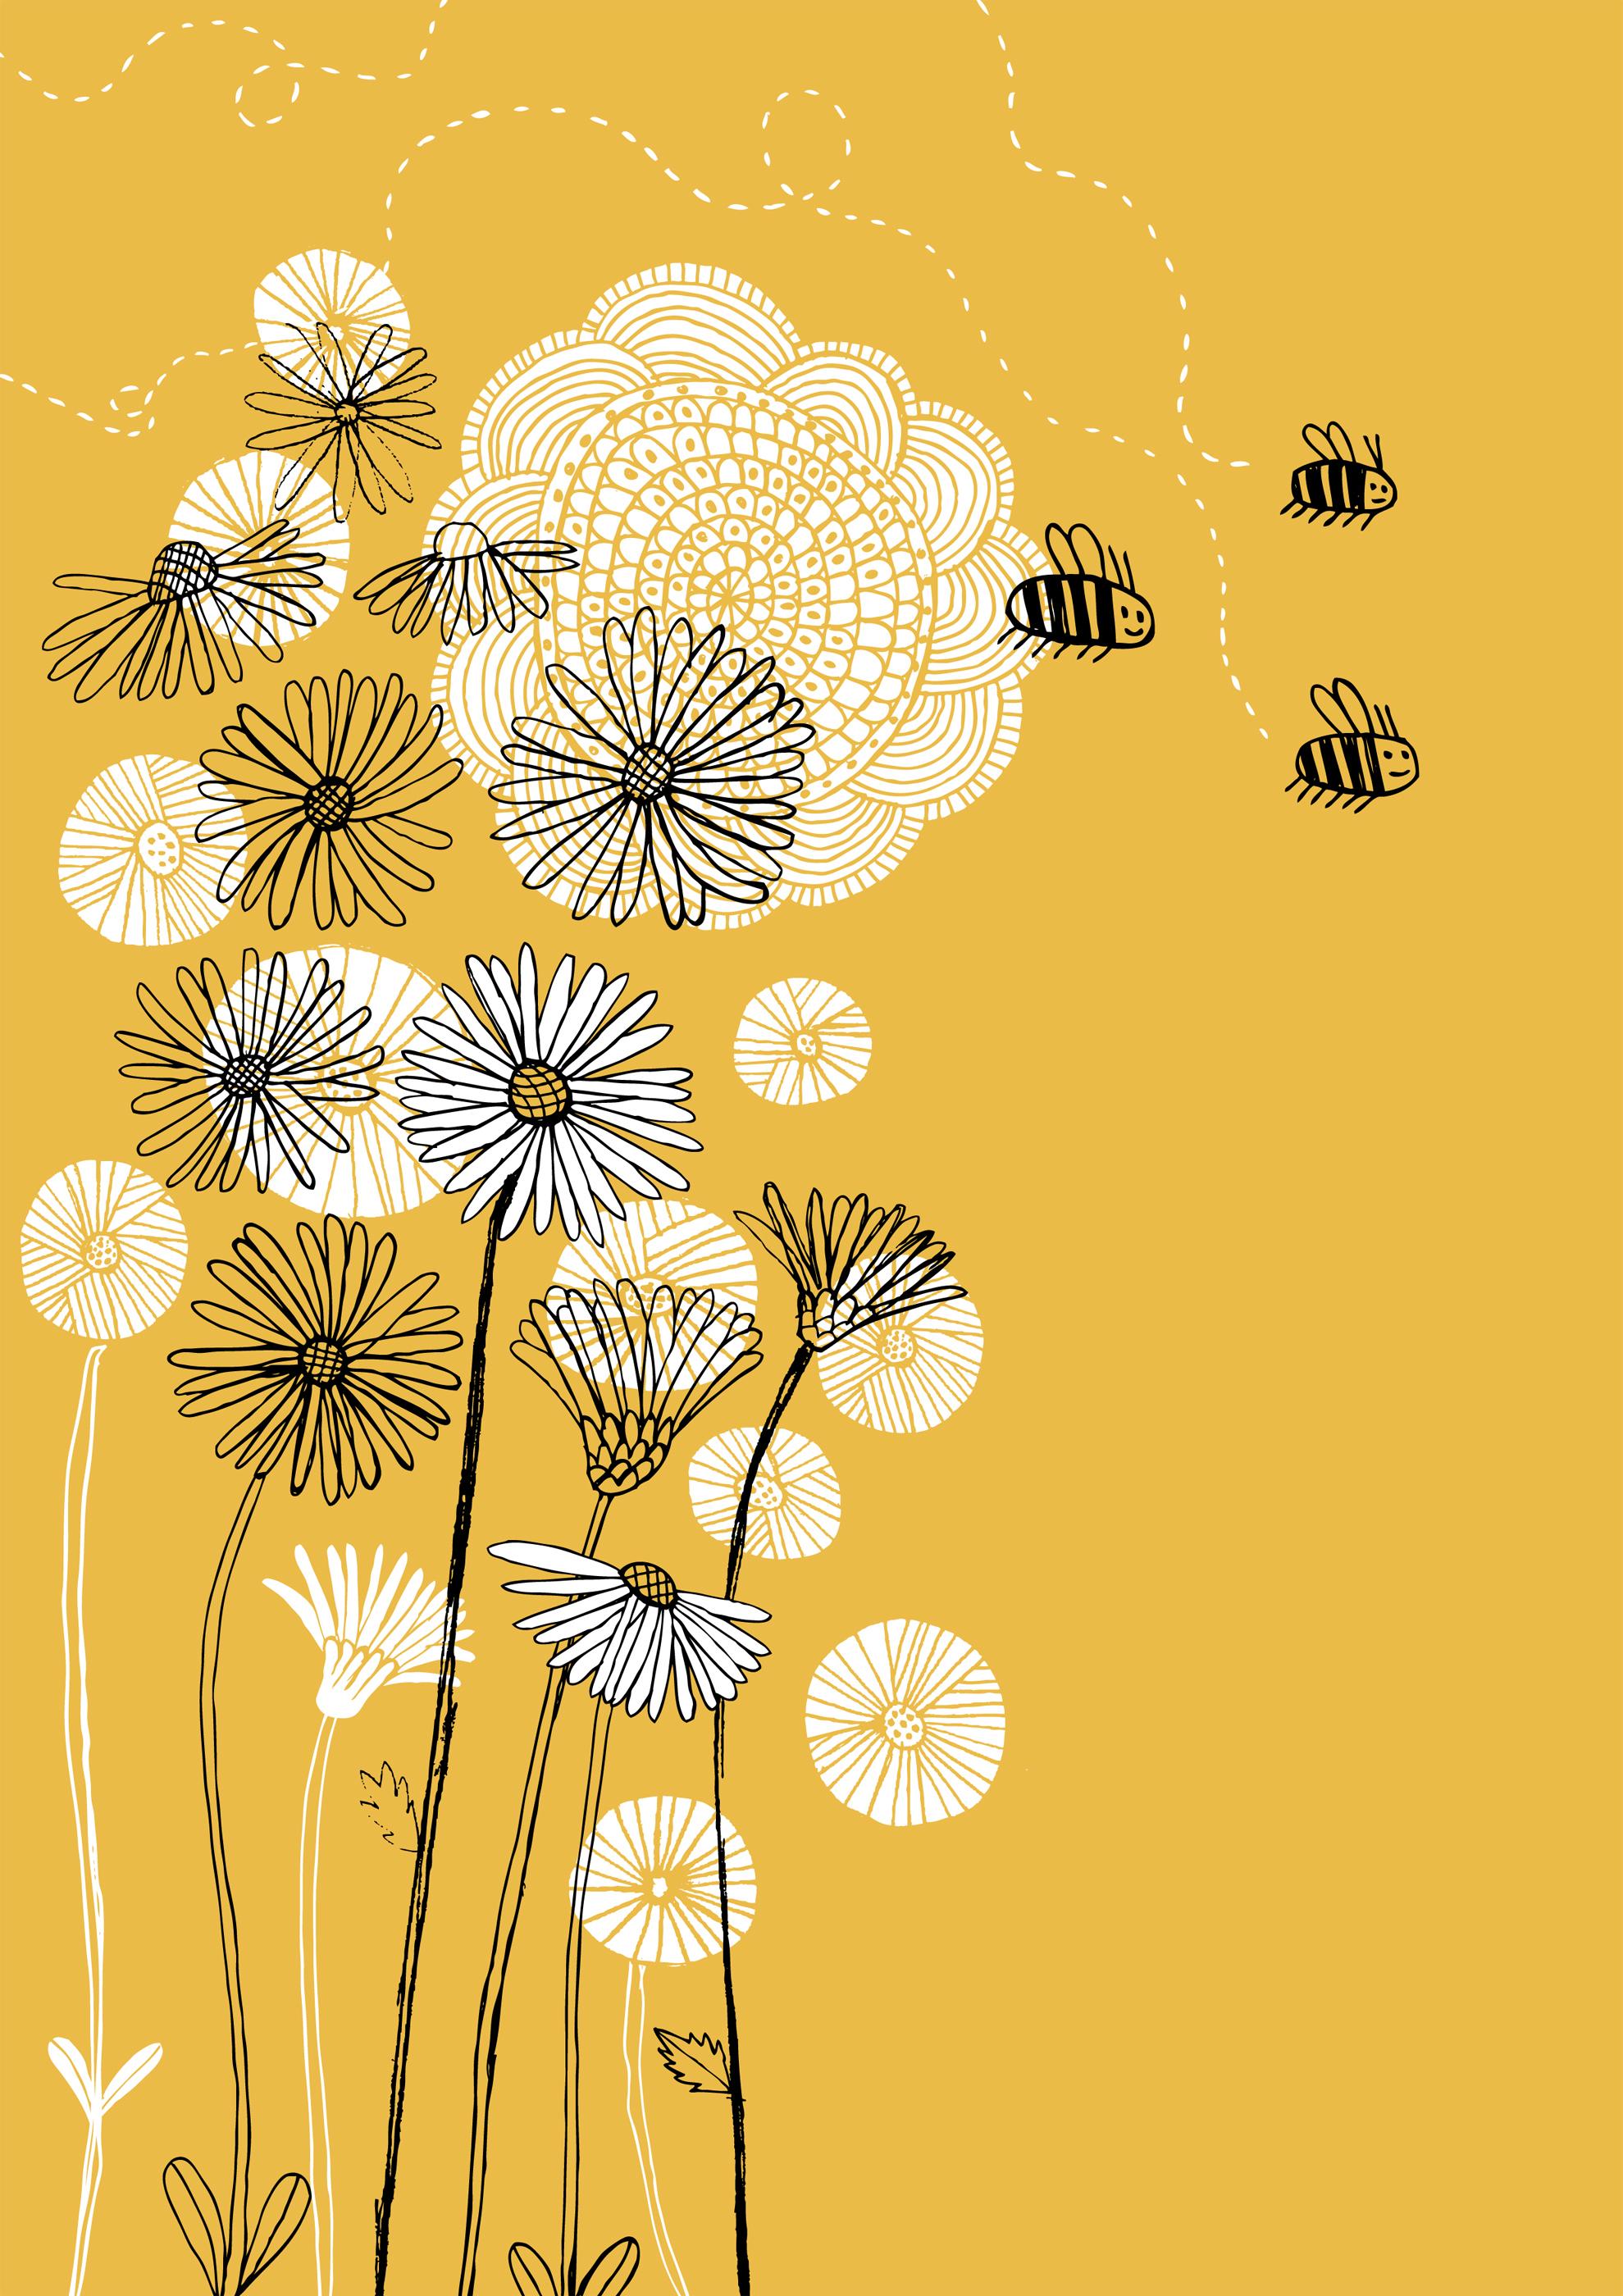 FlowersandBees